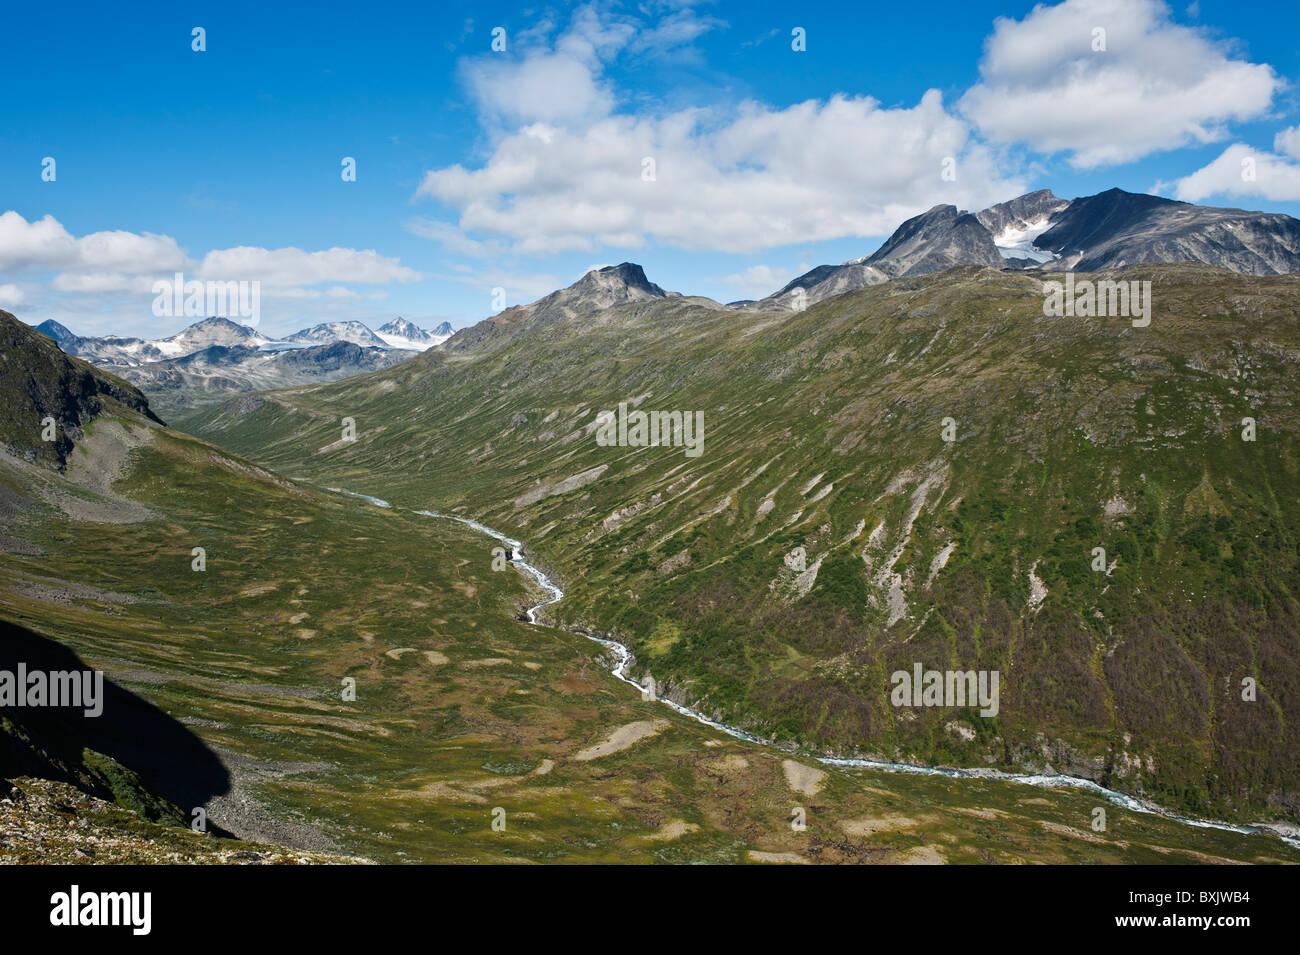 Memurudalen and Muru river, Jotunheimen national park, Norway - Stock Image